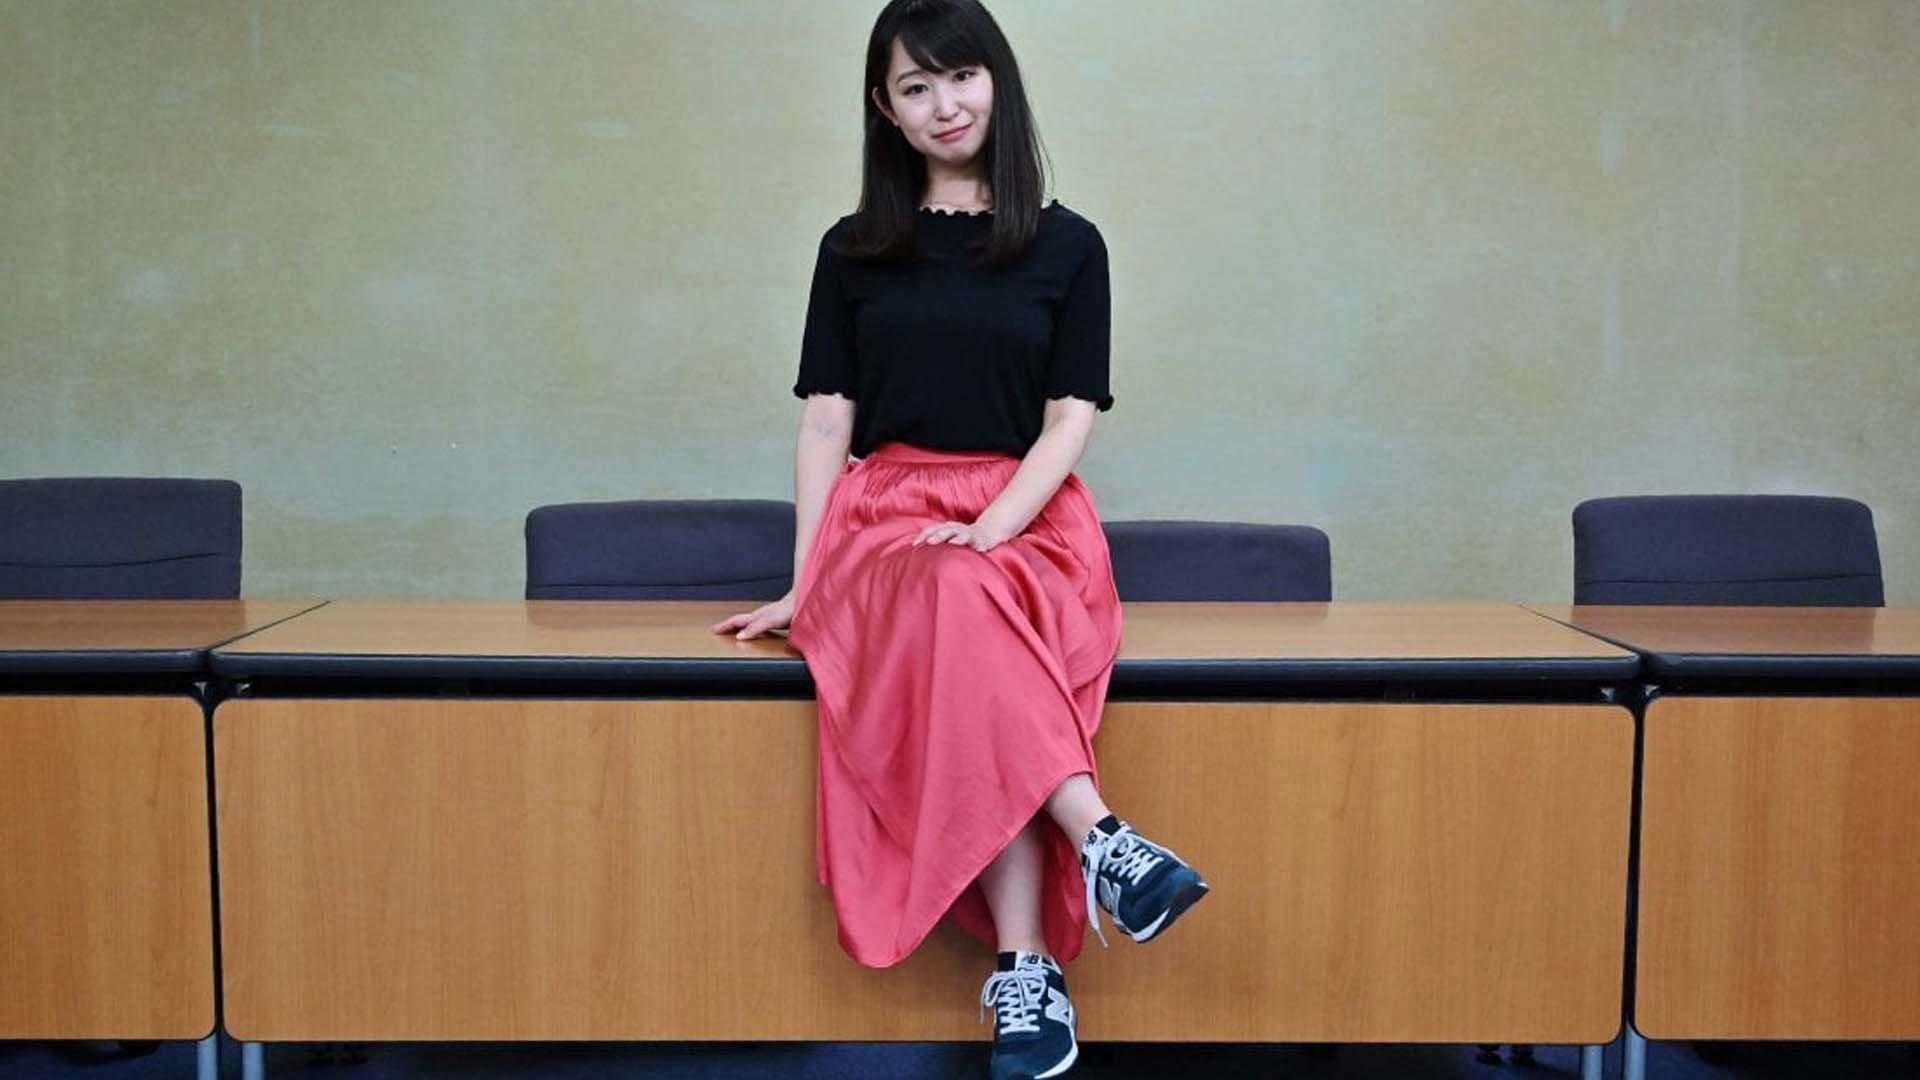 Il #KuToo è un movimento di donne giapponesi contro l